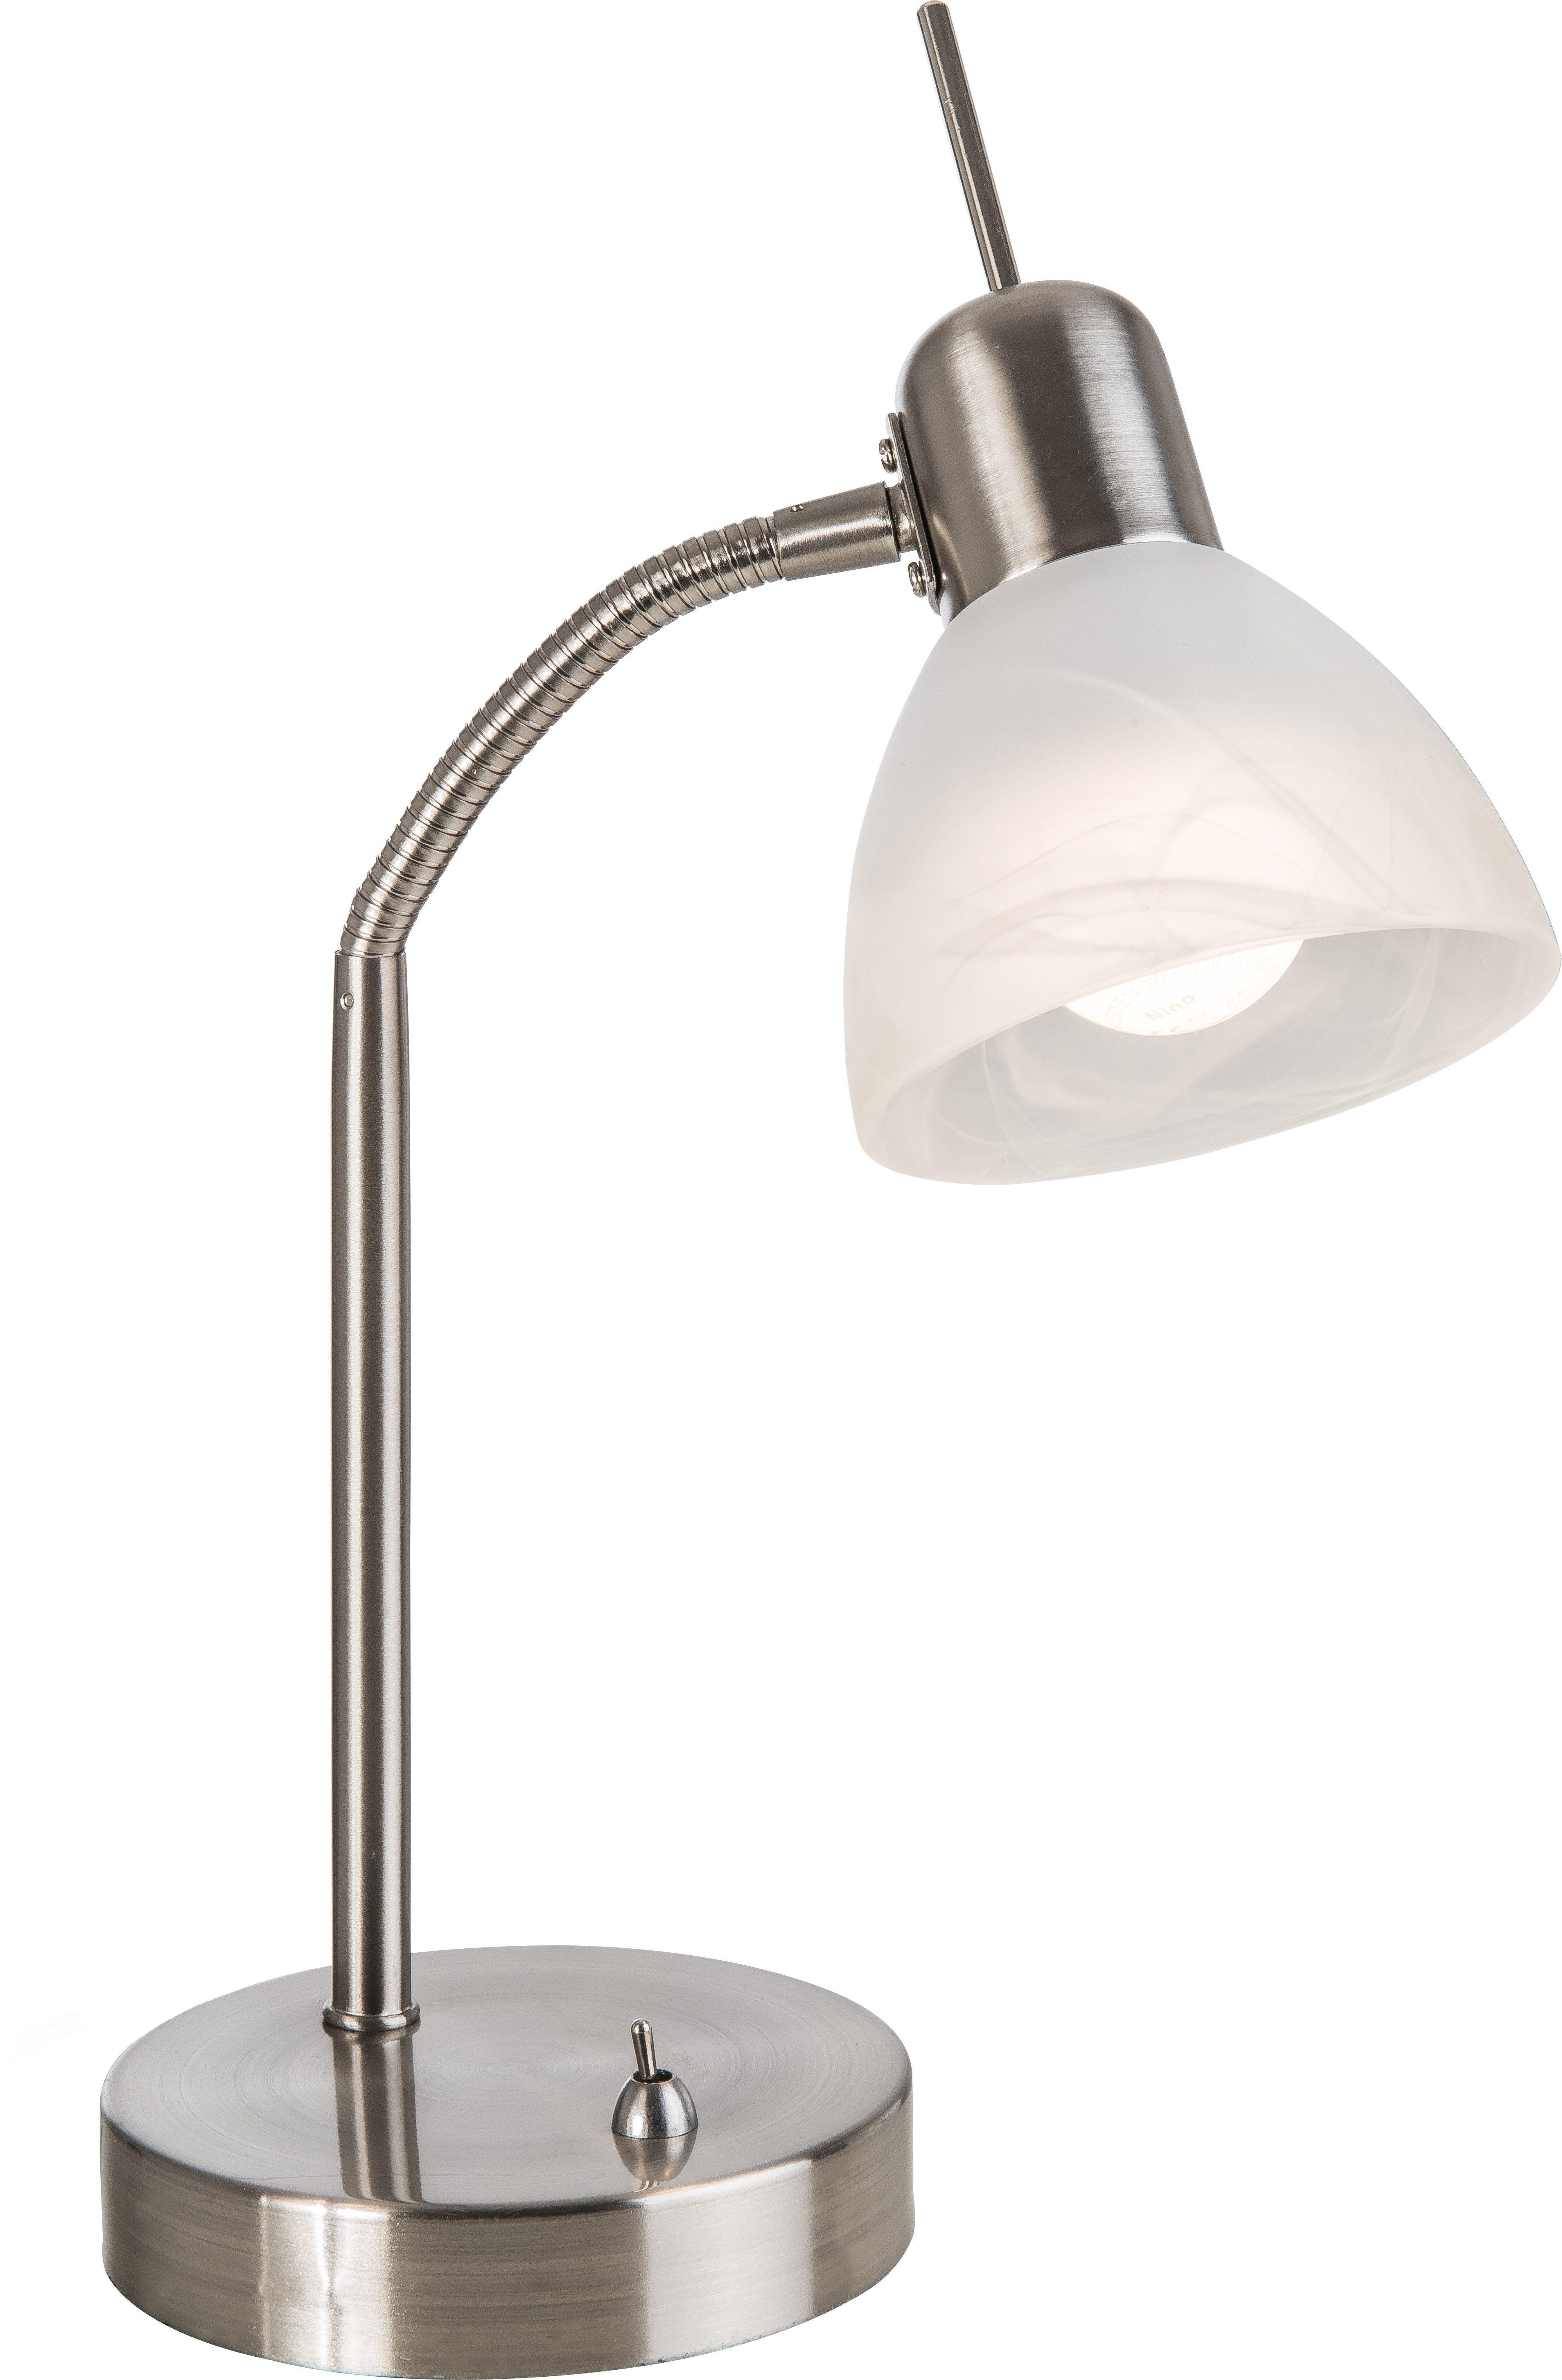 Nino Leuchten LED-Tischleuchte, 1flg., »DAYTONA«